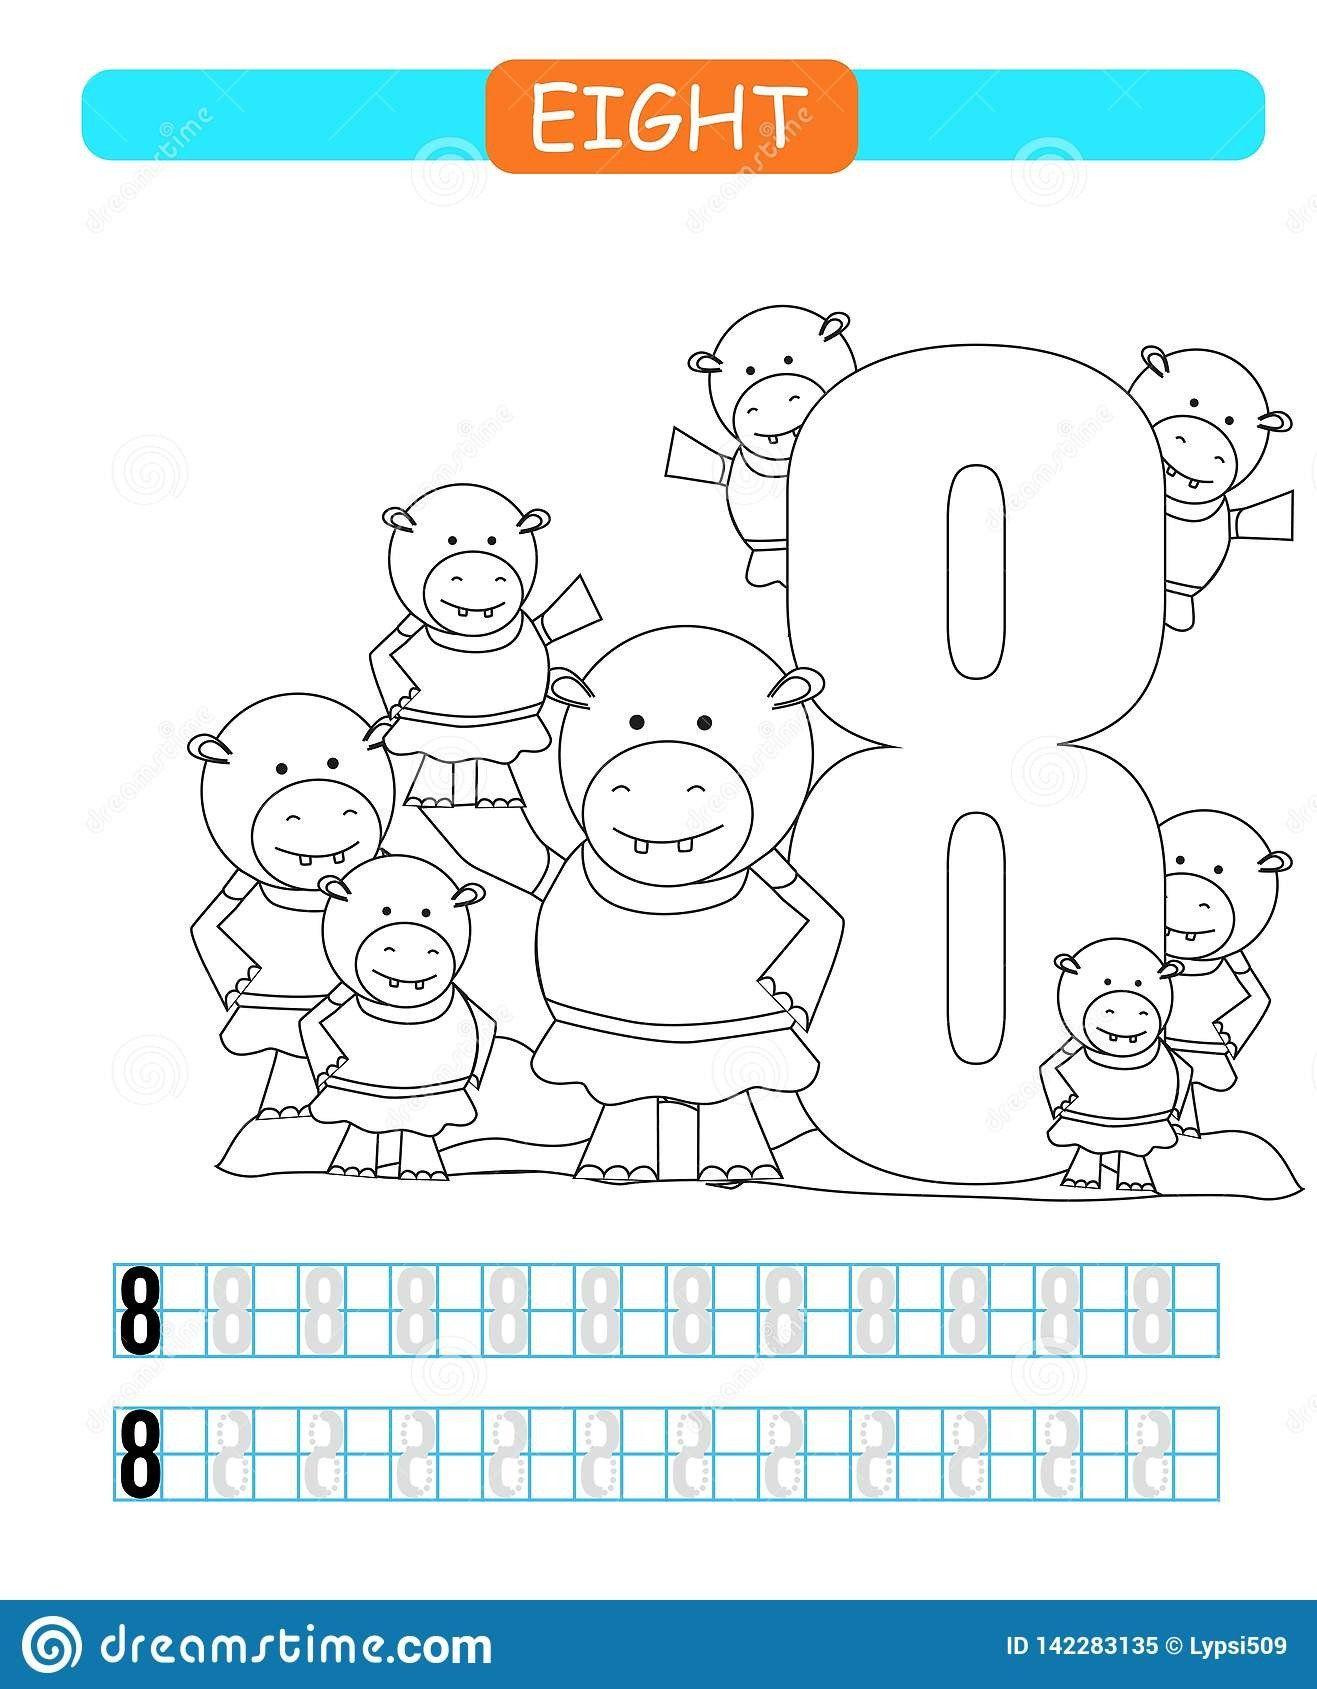 Number 8 Worksheet Preschool Eight Learning Number 8 Coloring Printable Worksheet For In 2020 Preschool Worksheets Learning Numbers Preschool Colors